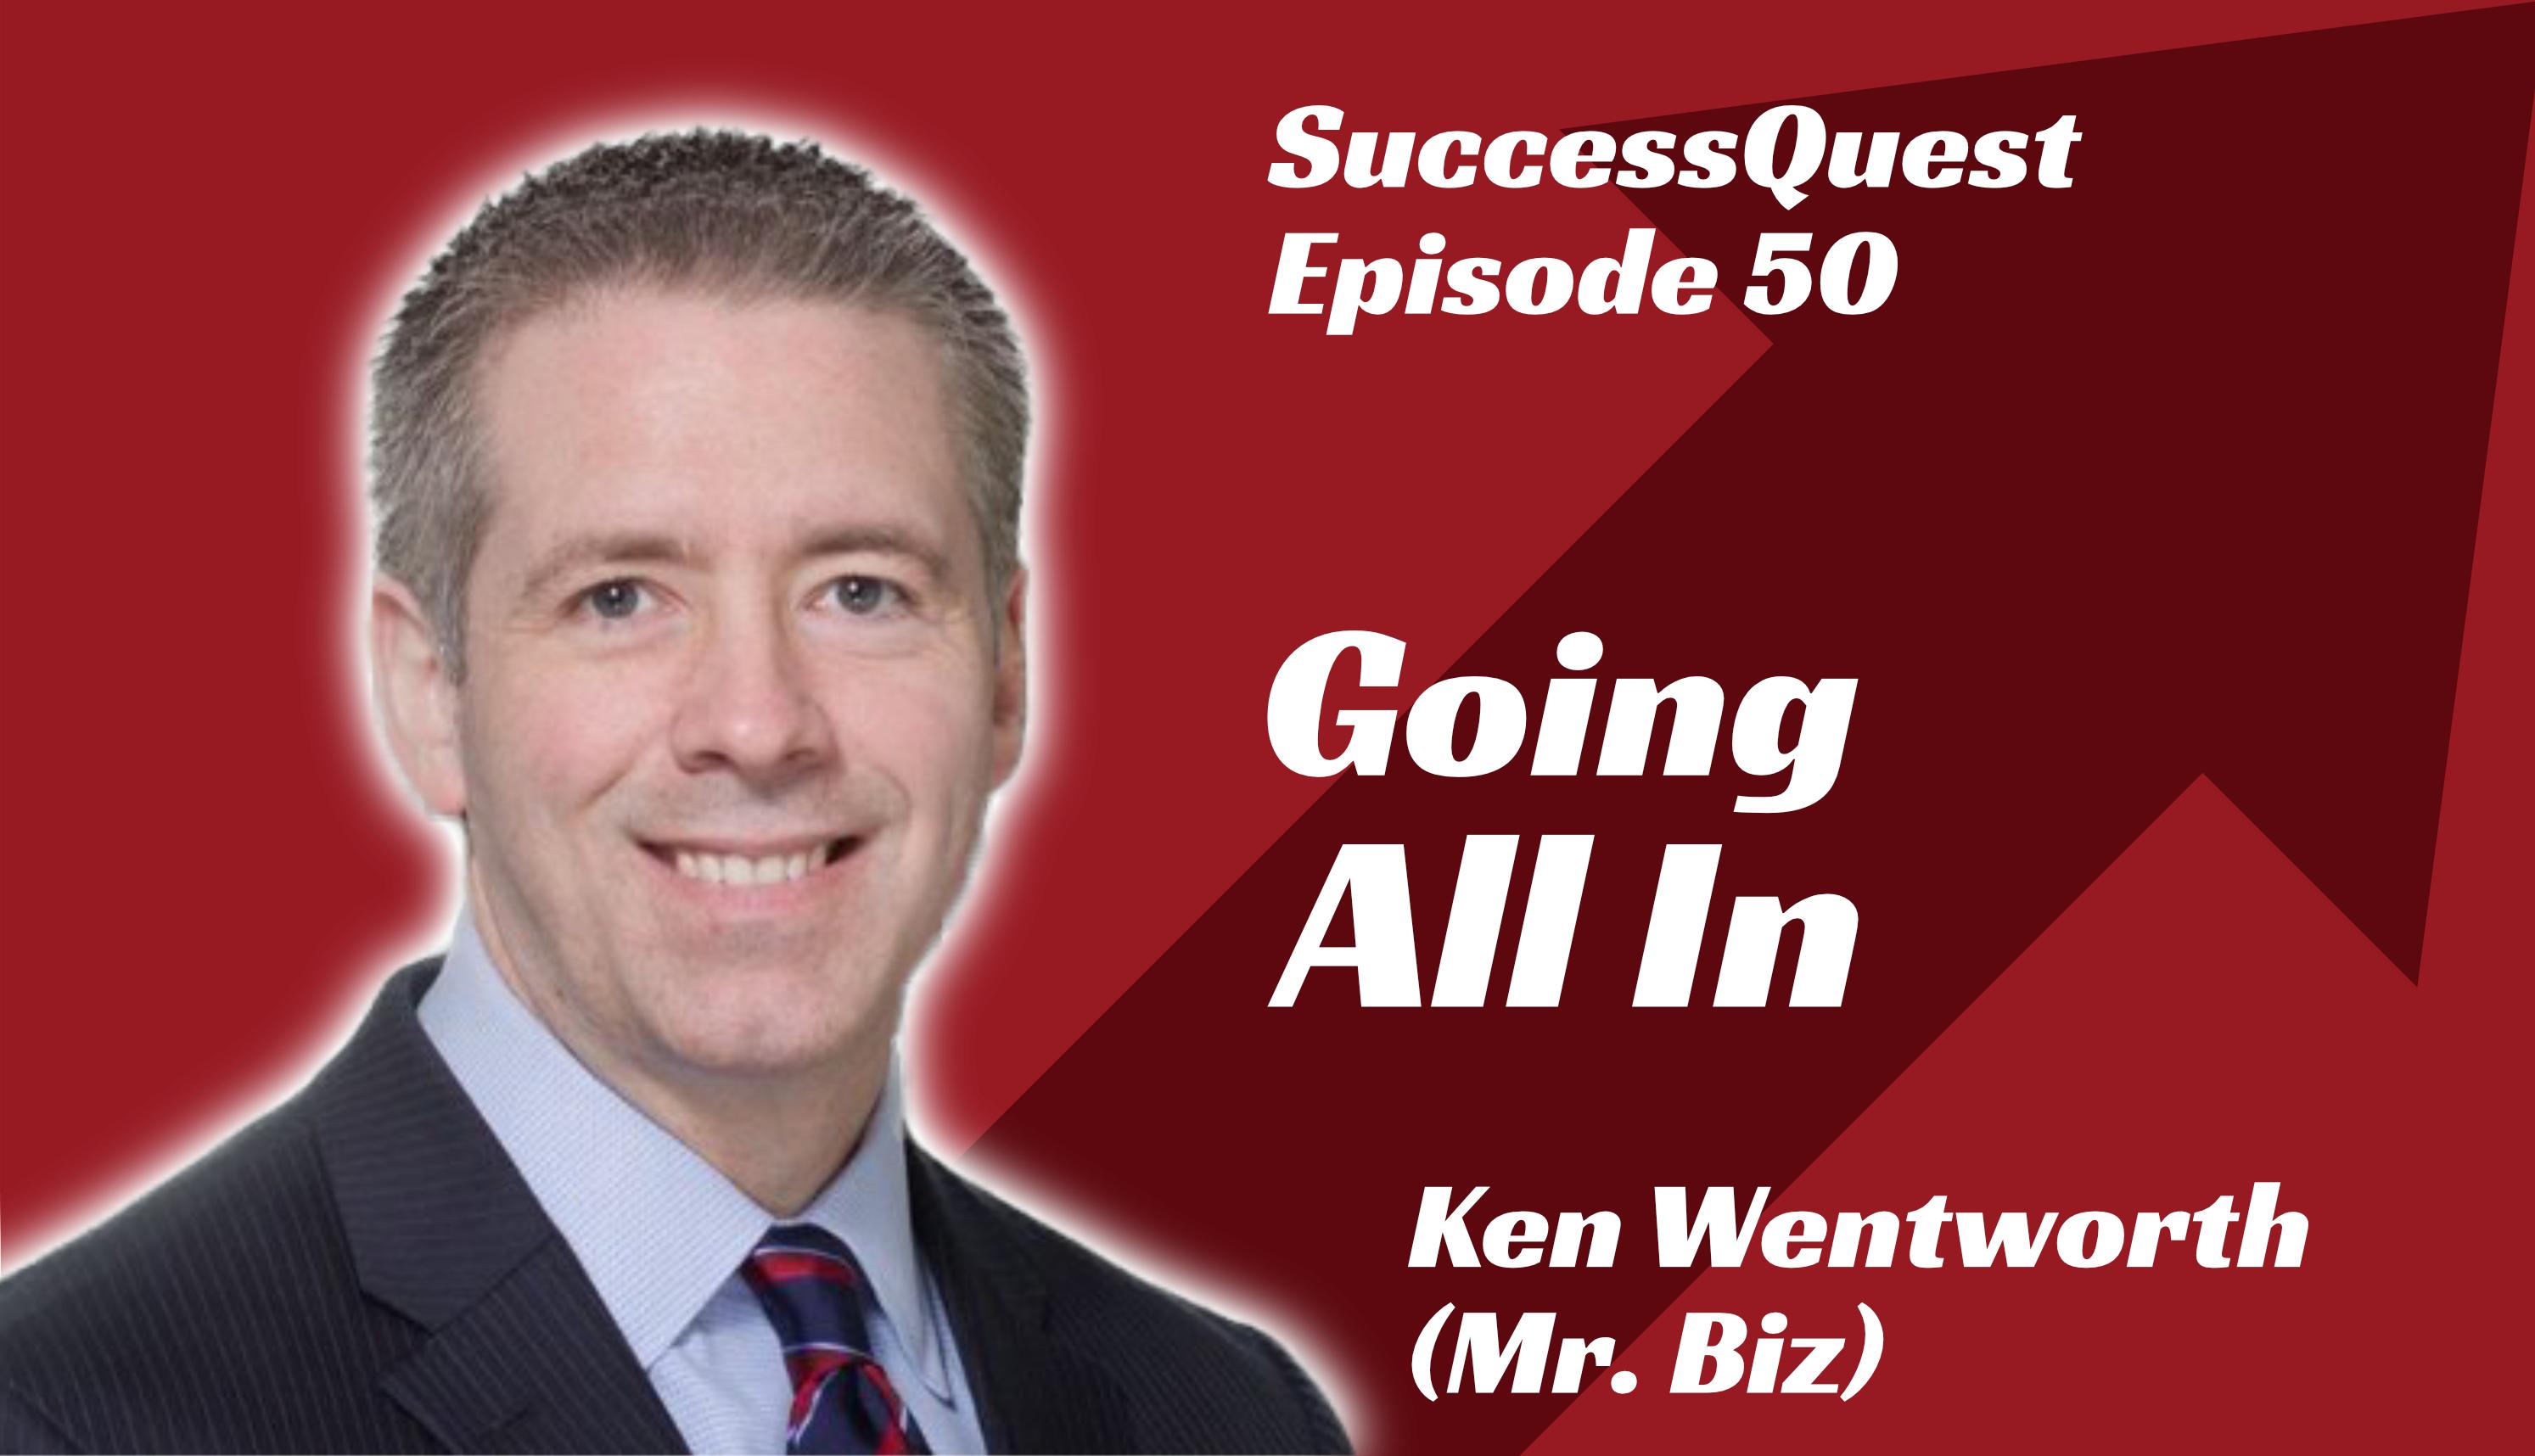 Going all in Ken Wentworth Mr. Biz SuccessQuest